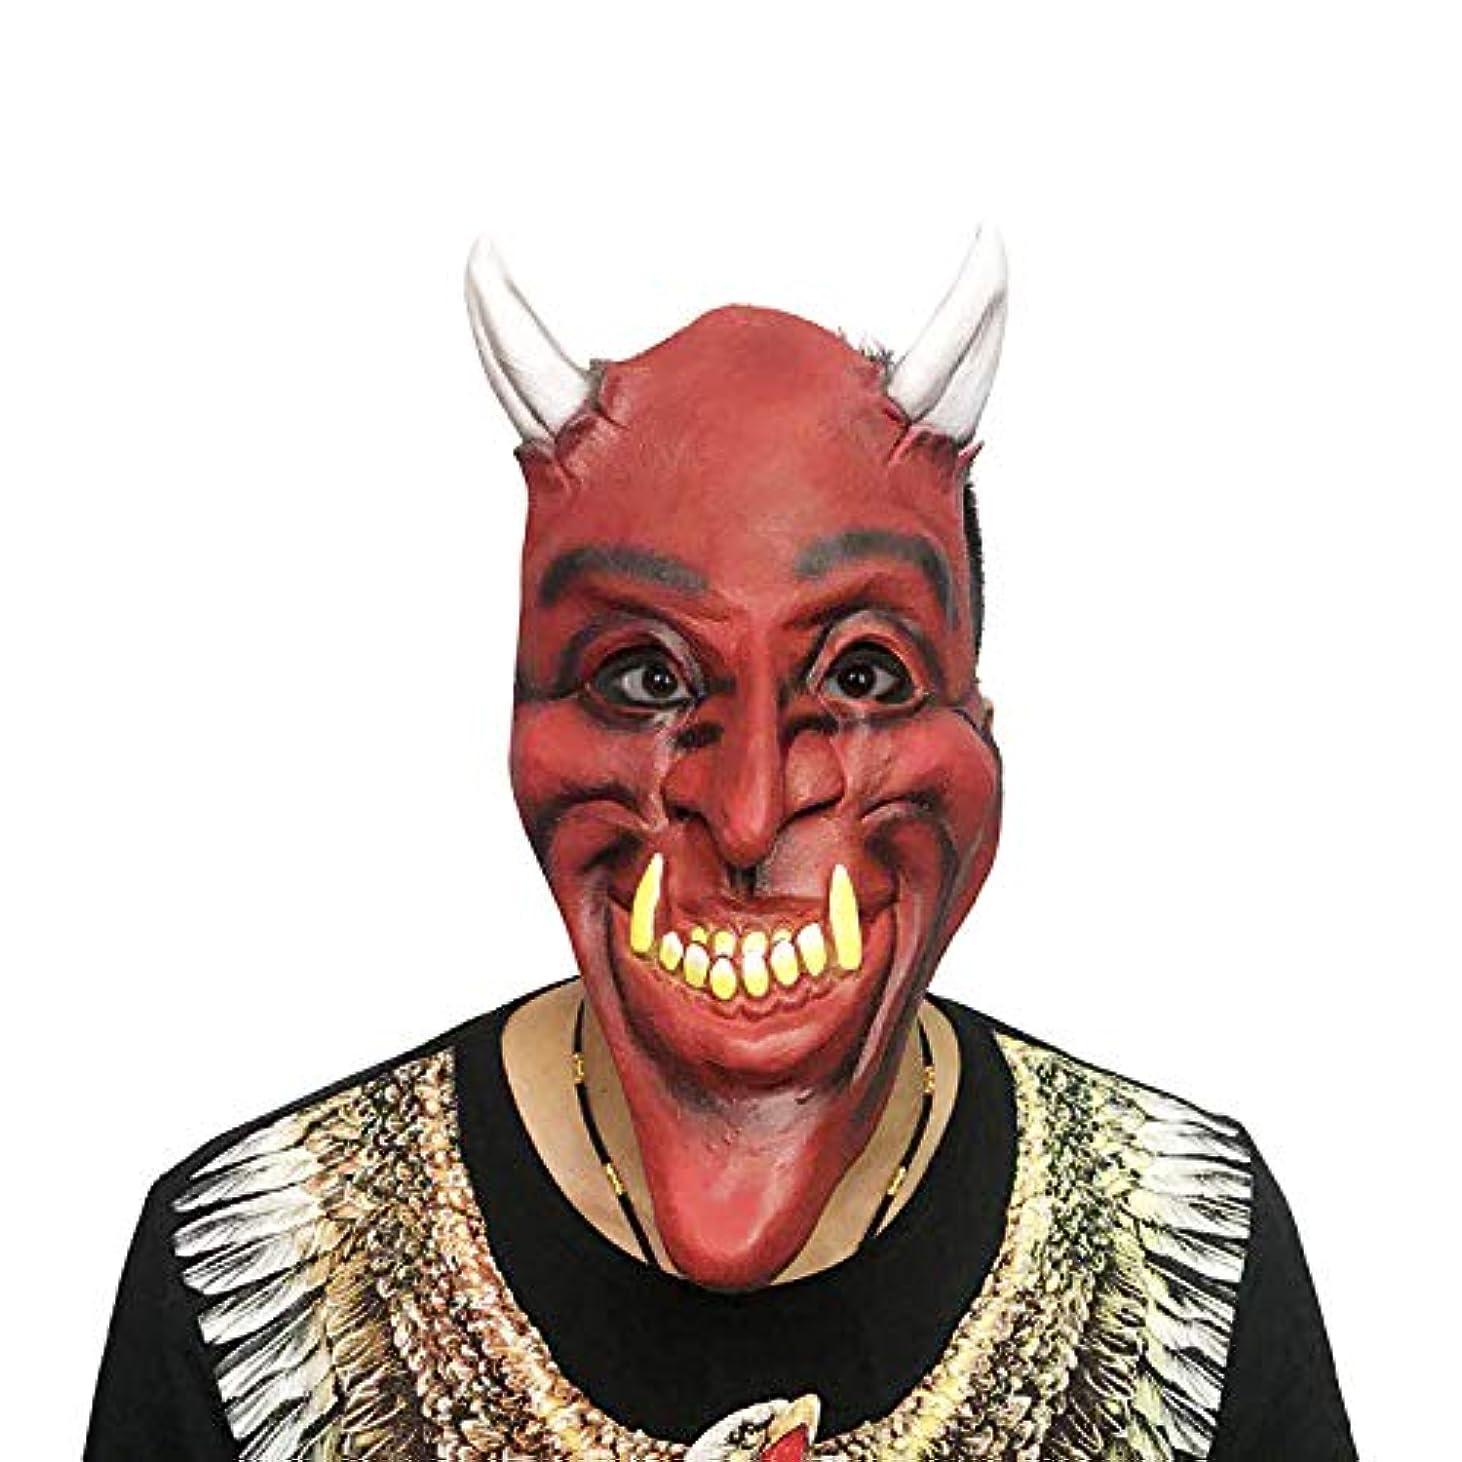 研究所ホテルジョットディボンドンホラーしかめっ面は悪魔のマスクハロウィンボールパーティーコスチュームパーティー怖い小道具悪魔悪魔を再生するマスク